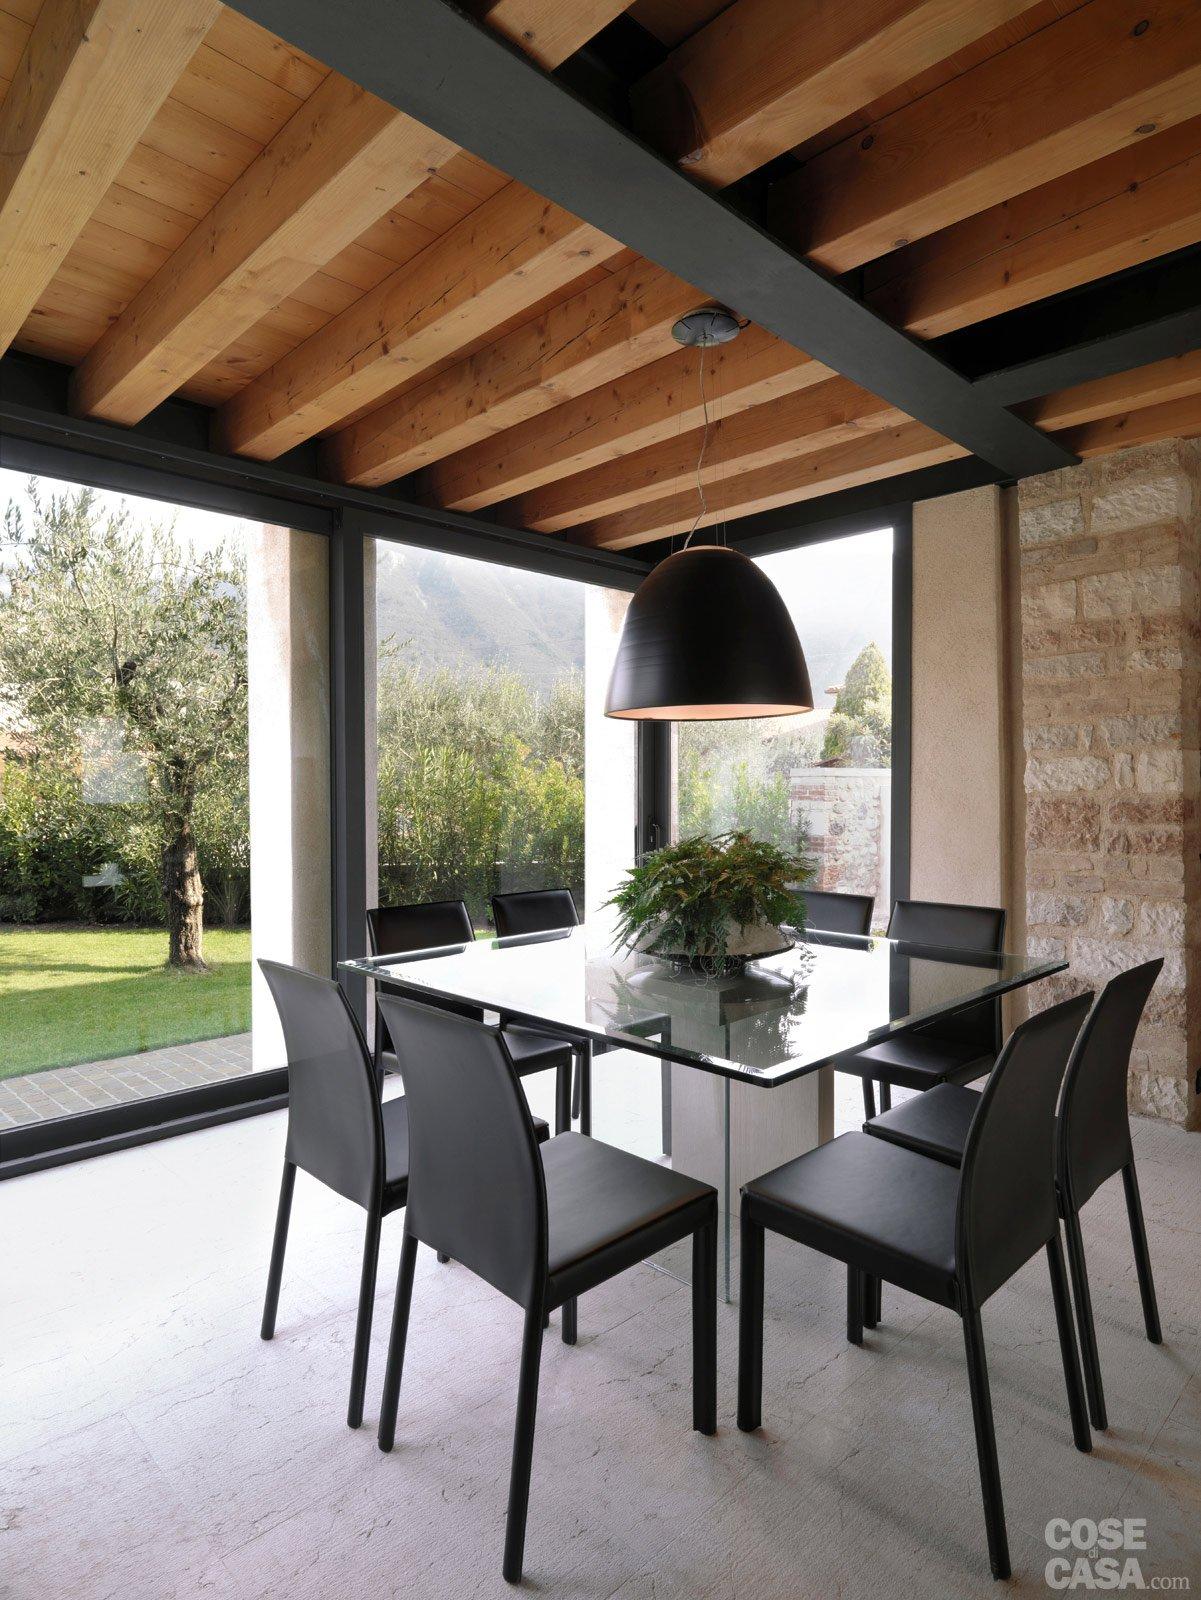 Arredamento Moderno Con Travi In Legno : Legno E Pietra A Vista Nella  #6E4224 1201 1600 Come Arredare Cucina Con Travi A Vista